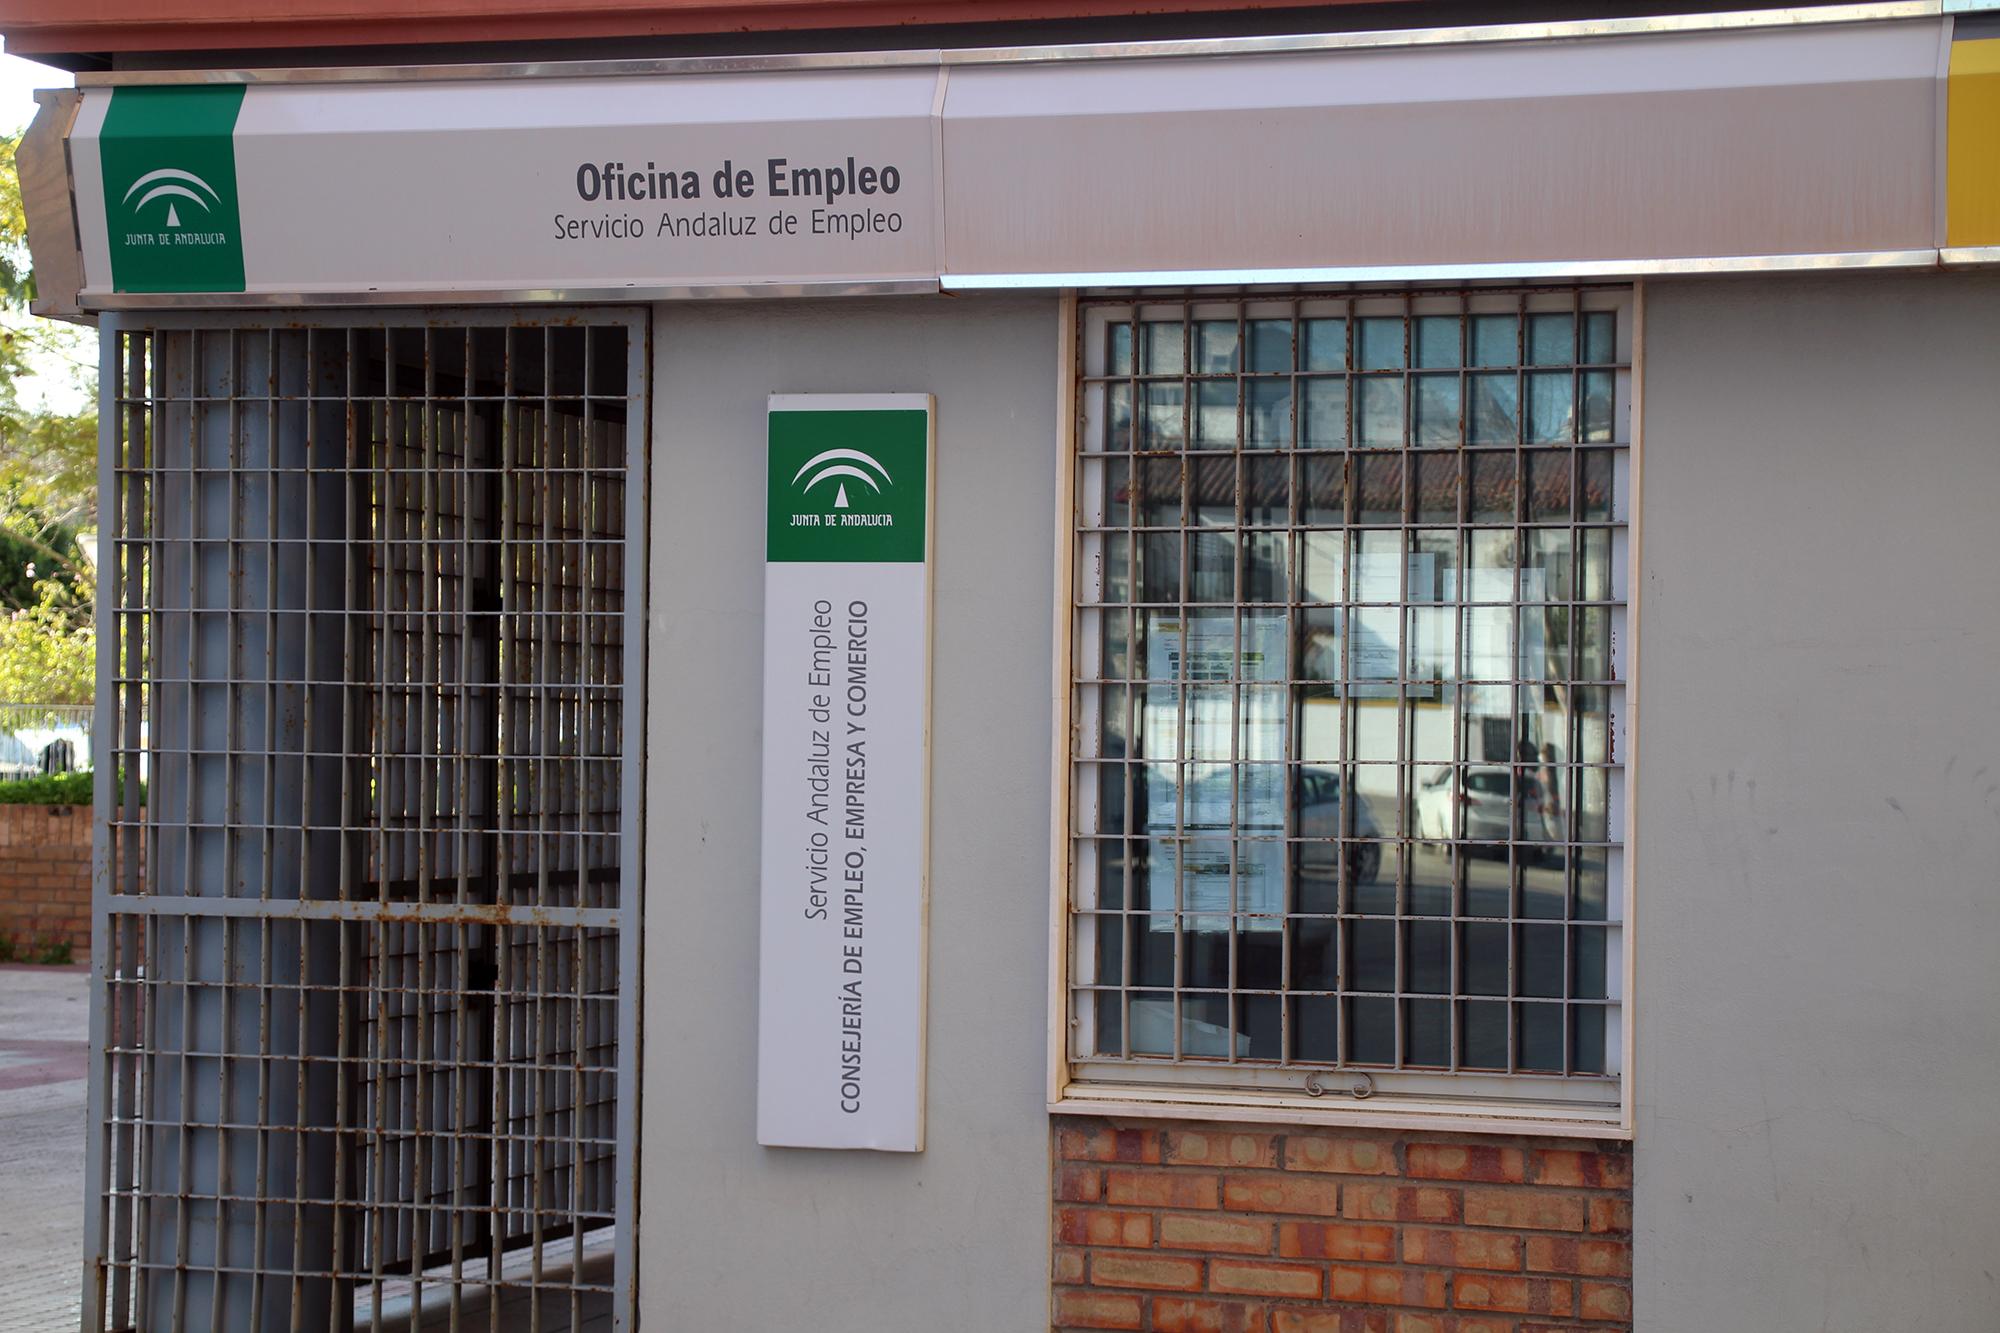 La bajada del paro en San Fernando se traduce en 7 personas menos